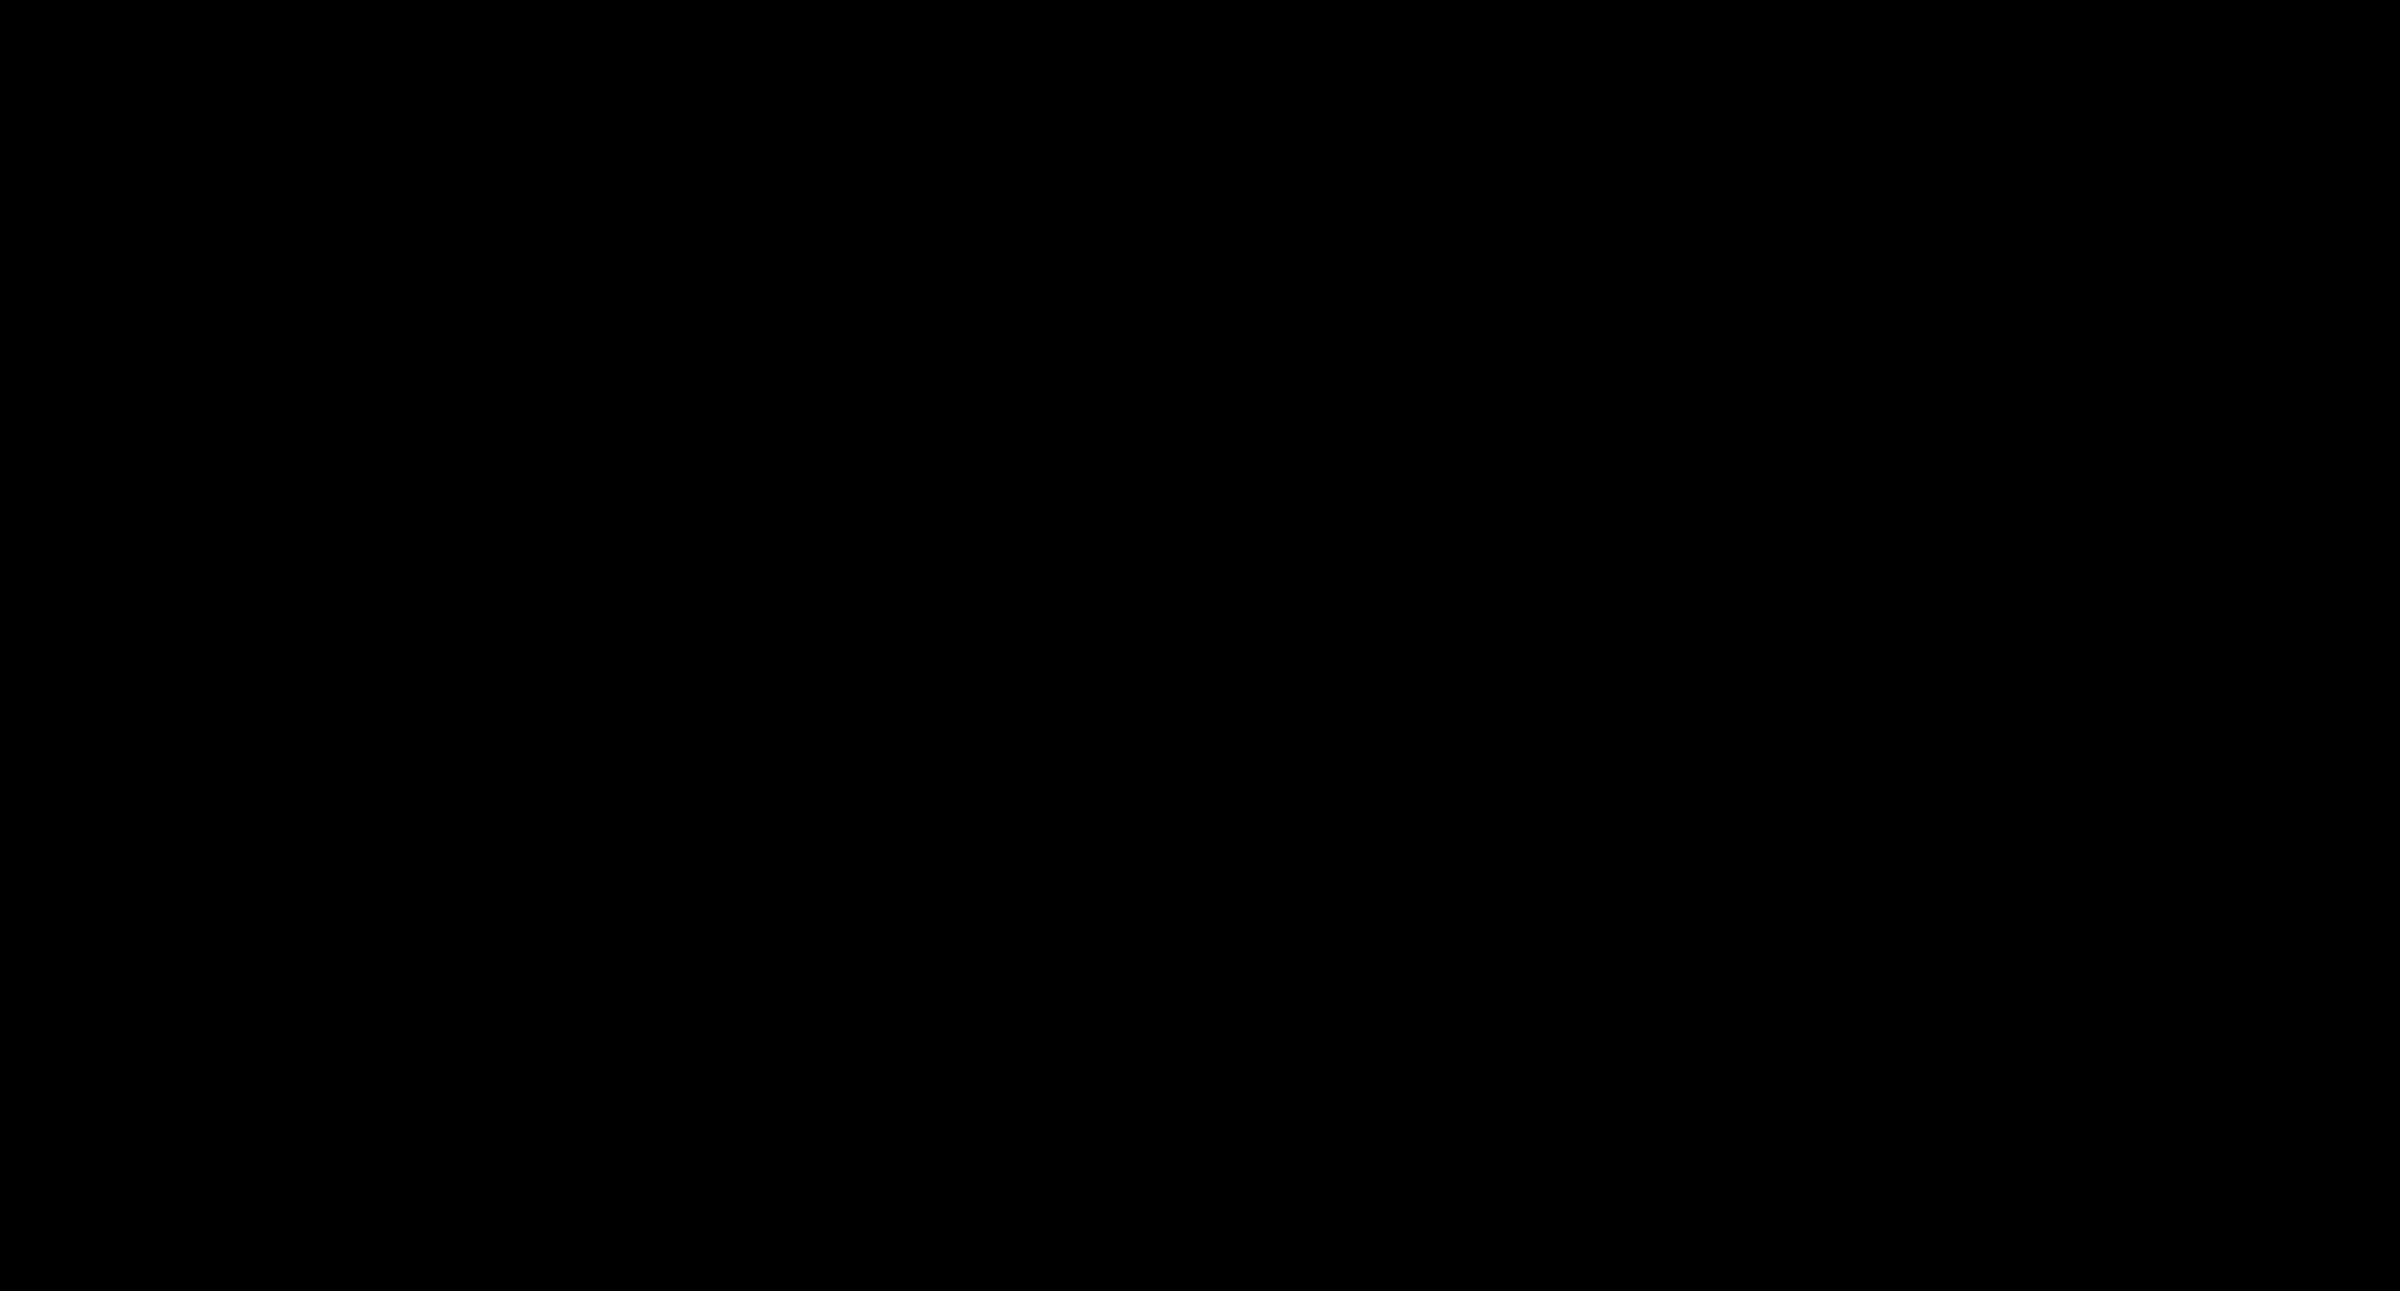 ios-logo-png-transparent.png